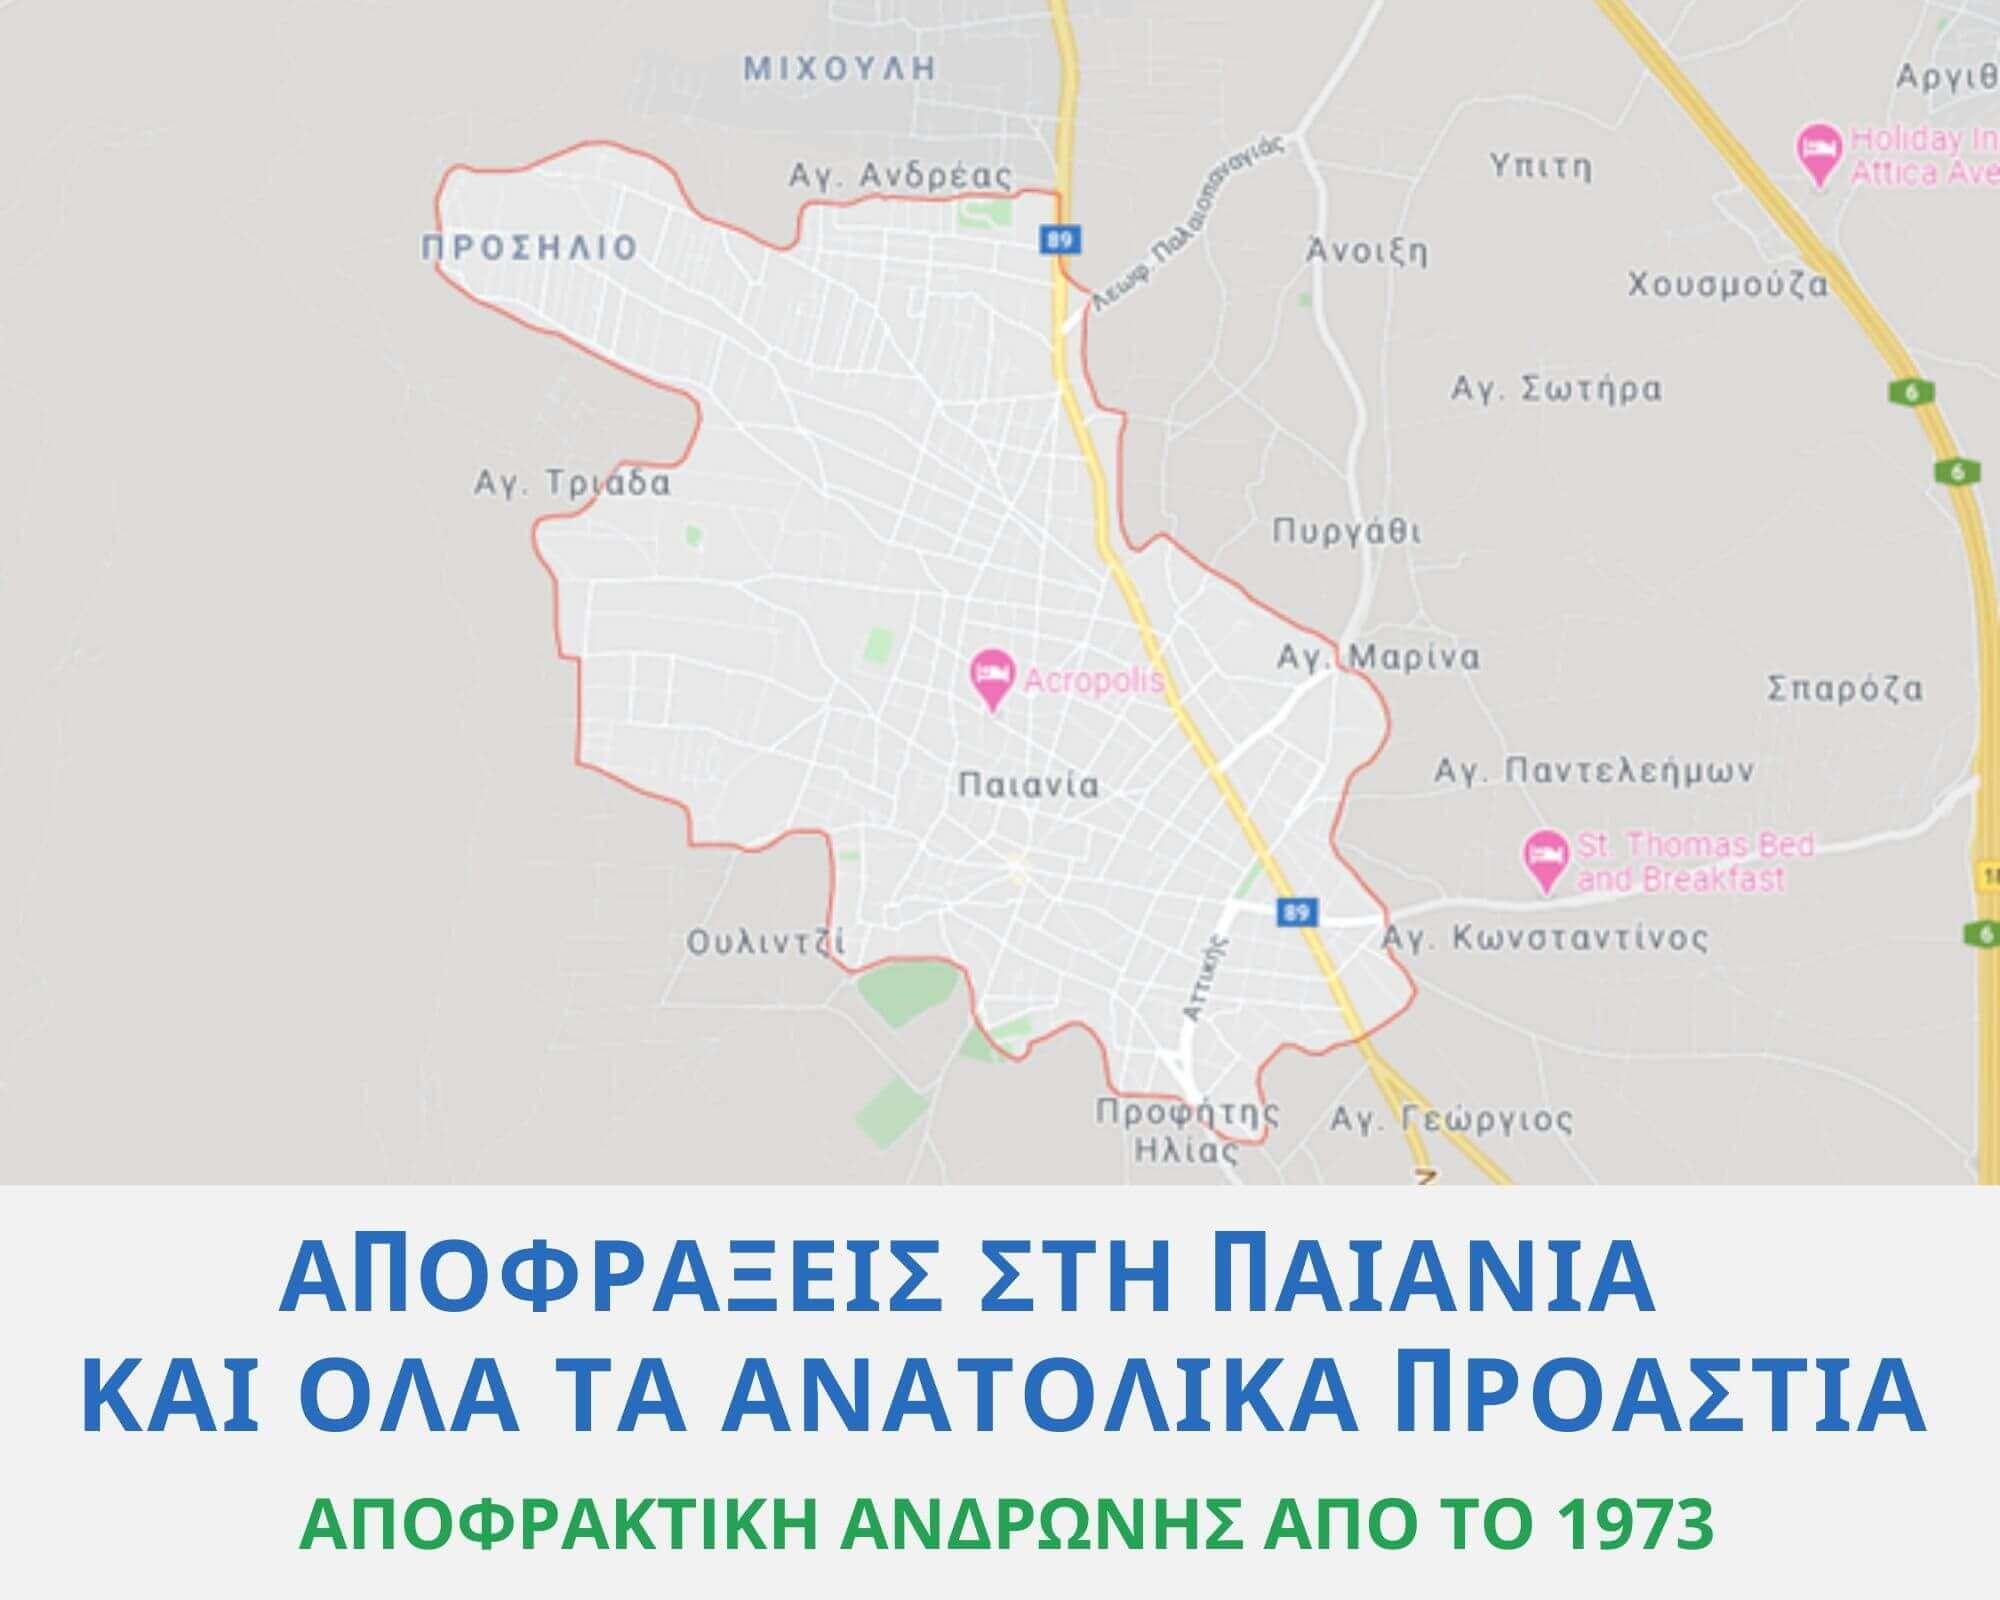 Αποφράξεις Παιανία - 213.02.50.818 - Αποφράξεις Αθήνα